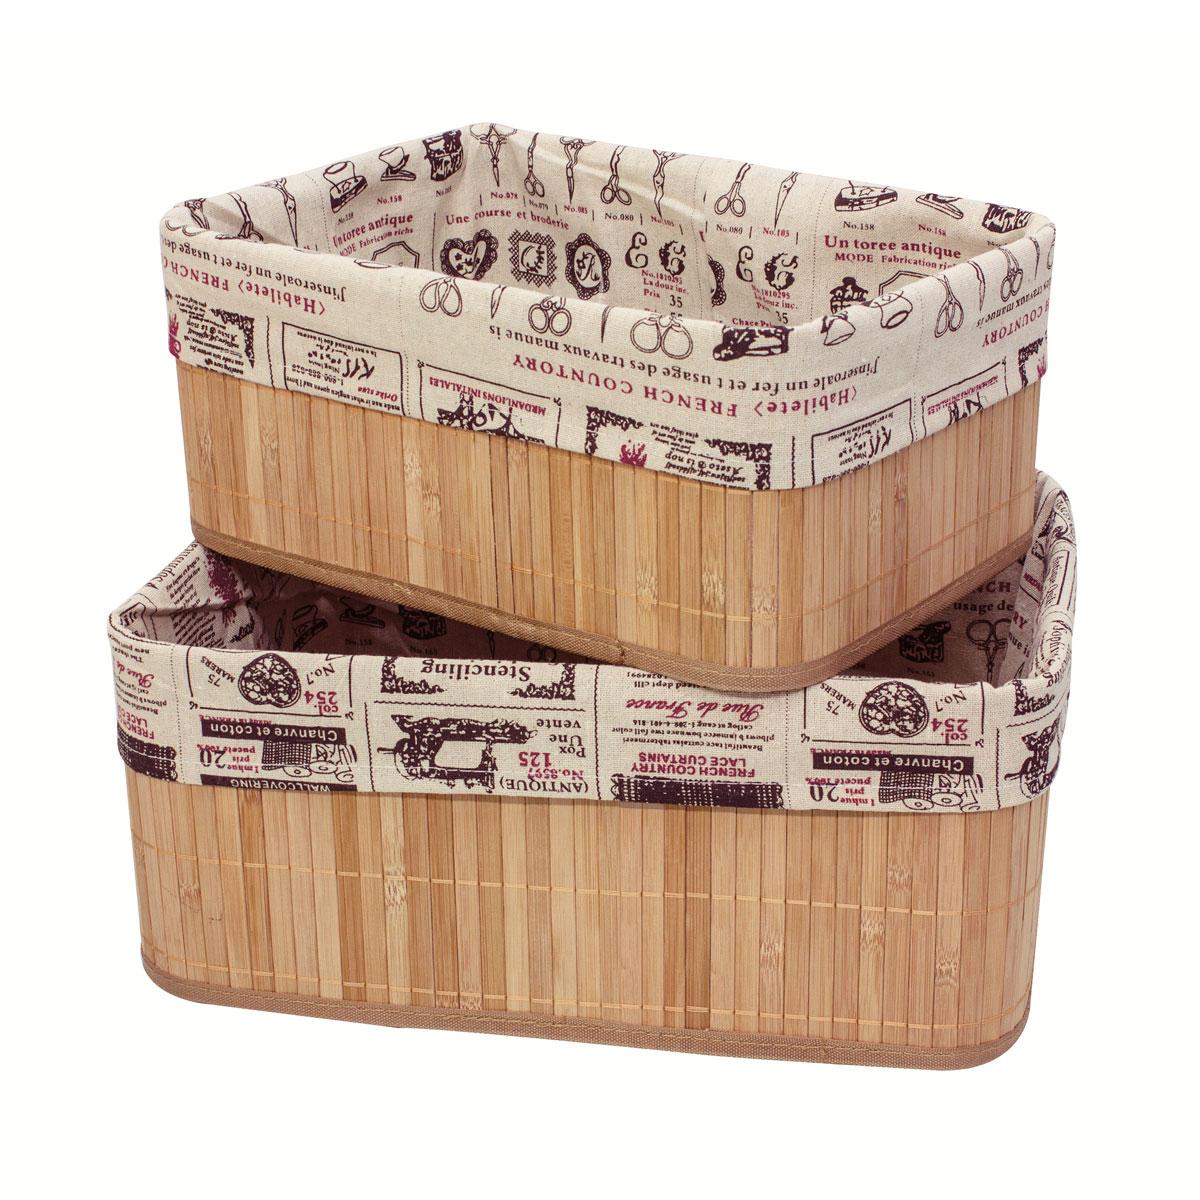 """Ecowoo предлагает новое удобное решение для хранения полезных мелочей - набор универсальных коробов из бамбука Ecowoo """"Ретро"""". Прекрасная вместительность, экологичный материал и актуальный дизайн - все эти достоинства делают набор незаменимым в любом доме. Размер коробов: 33 х 23 х 14 см; 38 х 28 х 16 см."""